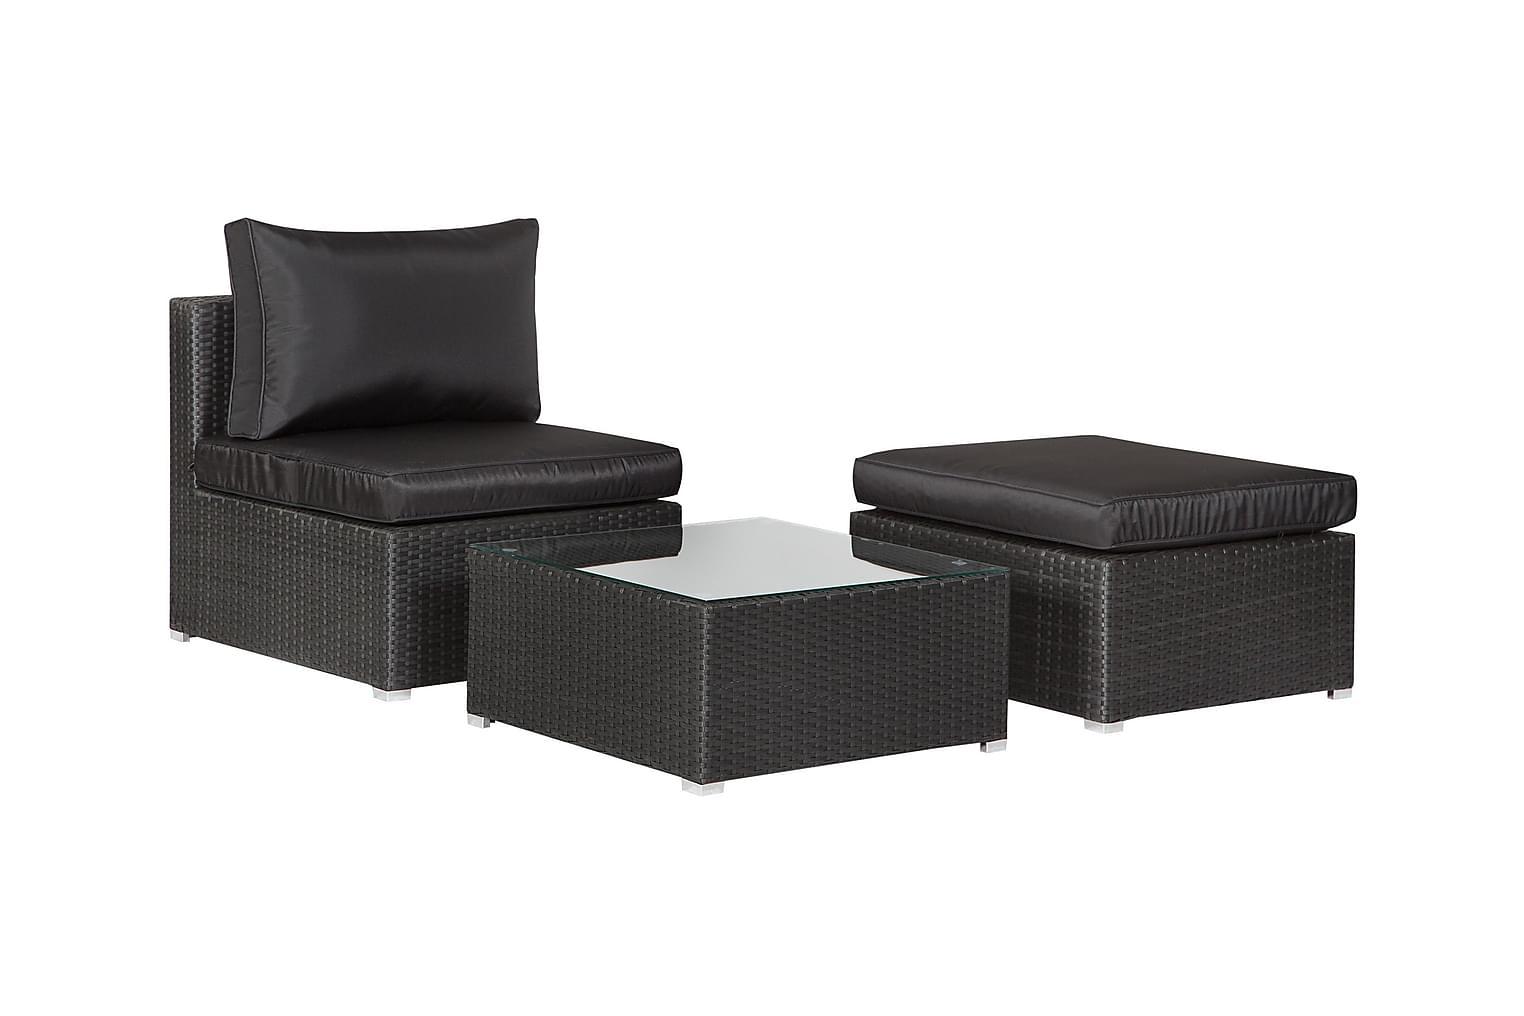 PRINCESS Keskimoduuli + Rahi + Pöytä Musta/Musta